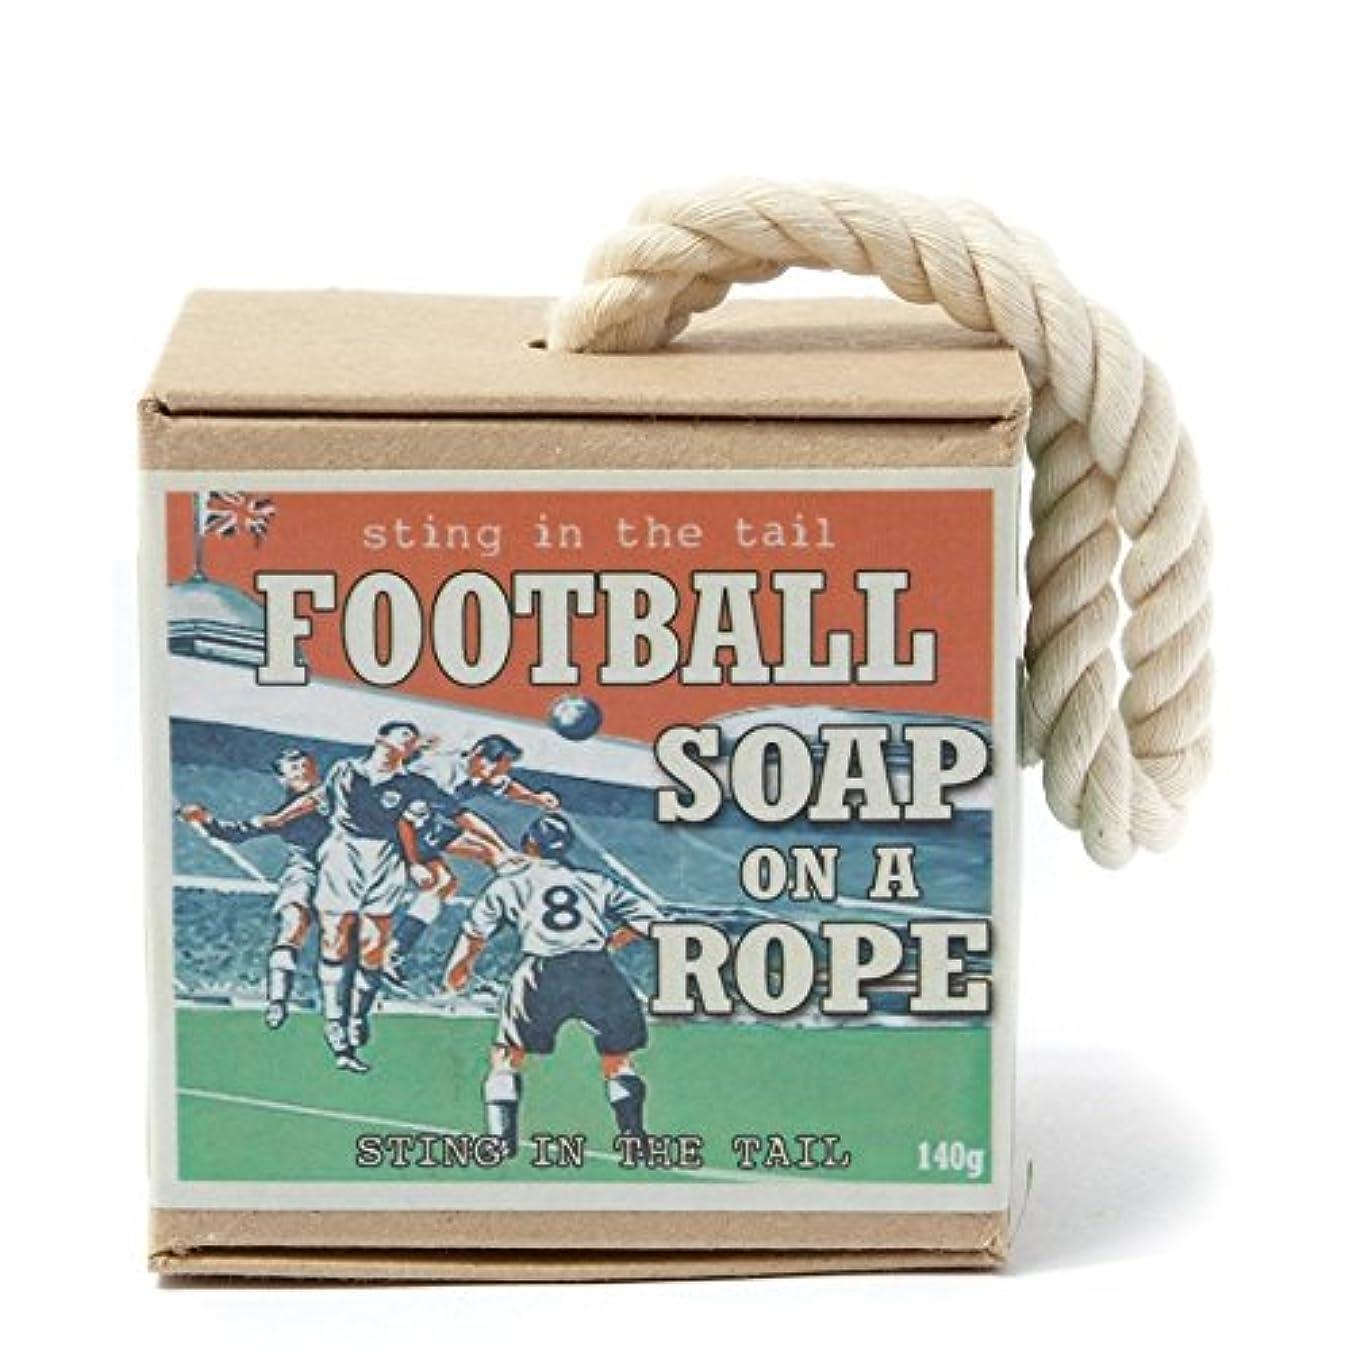 エミュレートする言語学ミスSting In The Tail Football on a Rope Soap (Pack of 6) - ロープ石鹸のテールサッカーで刺します x6 [並行輸入品]